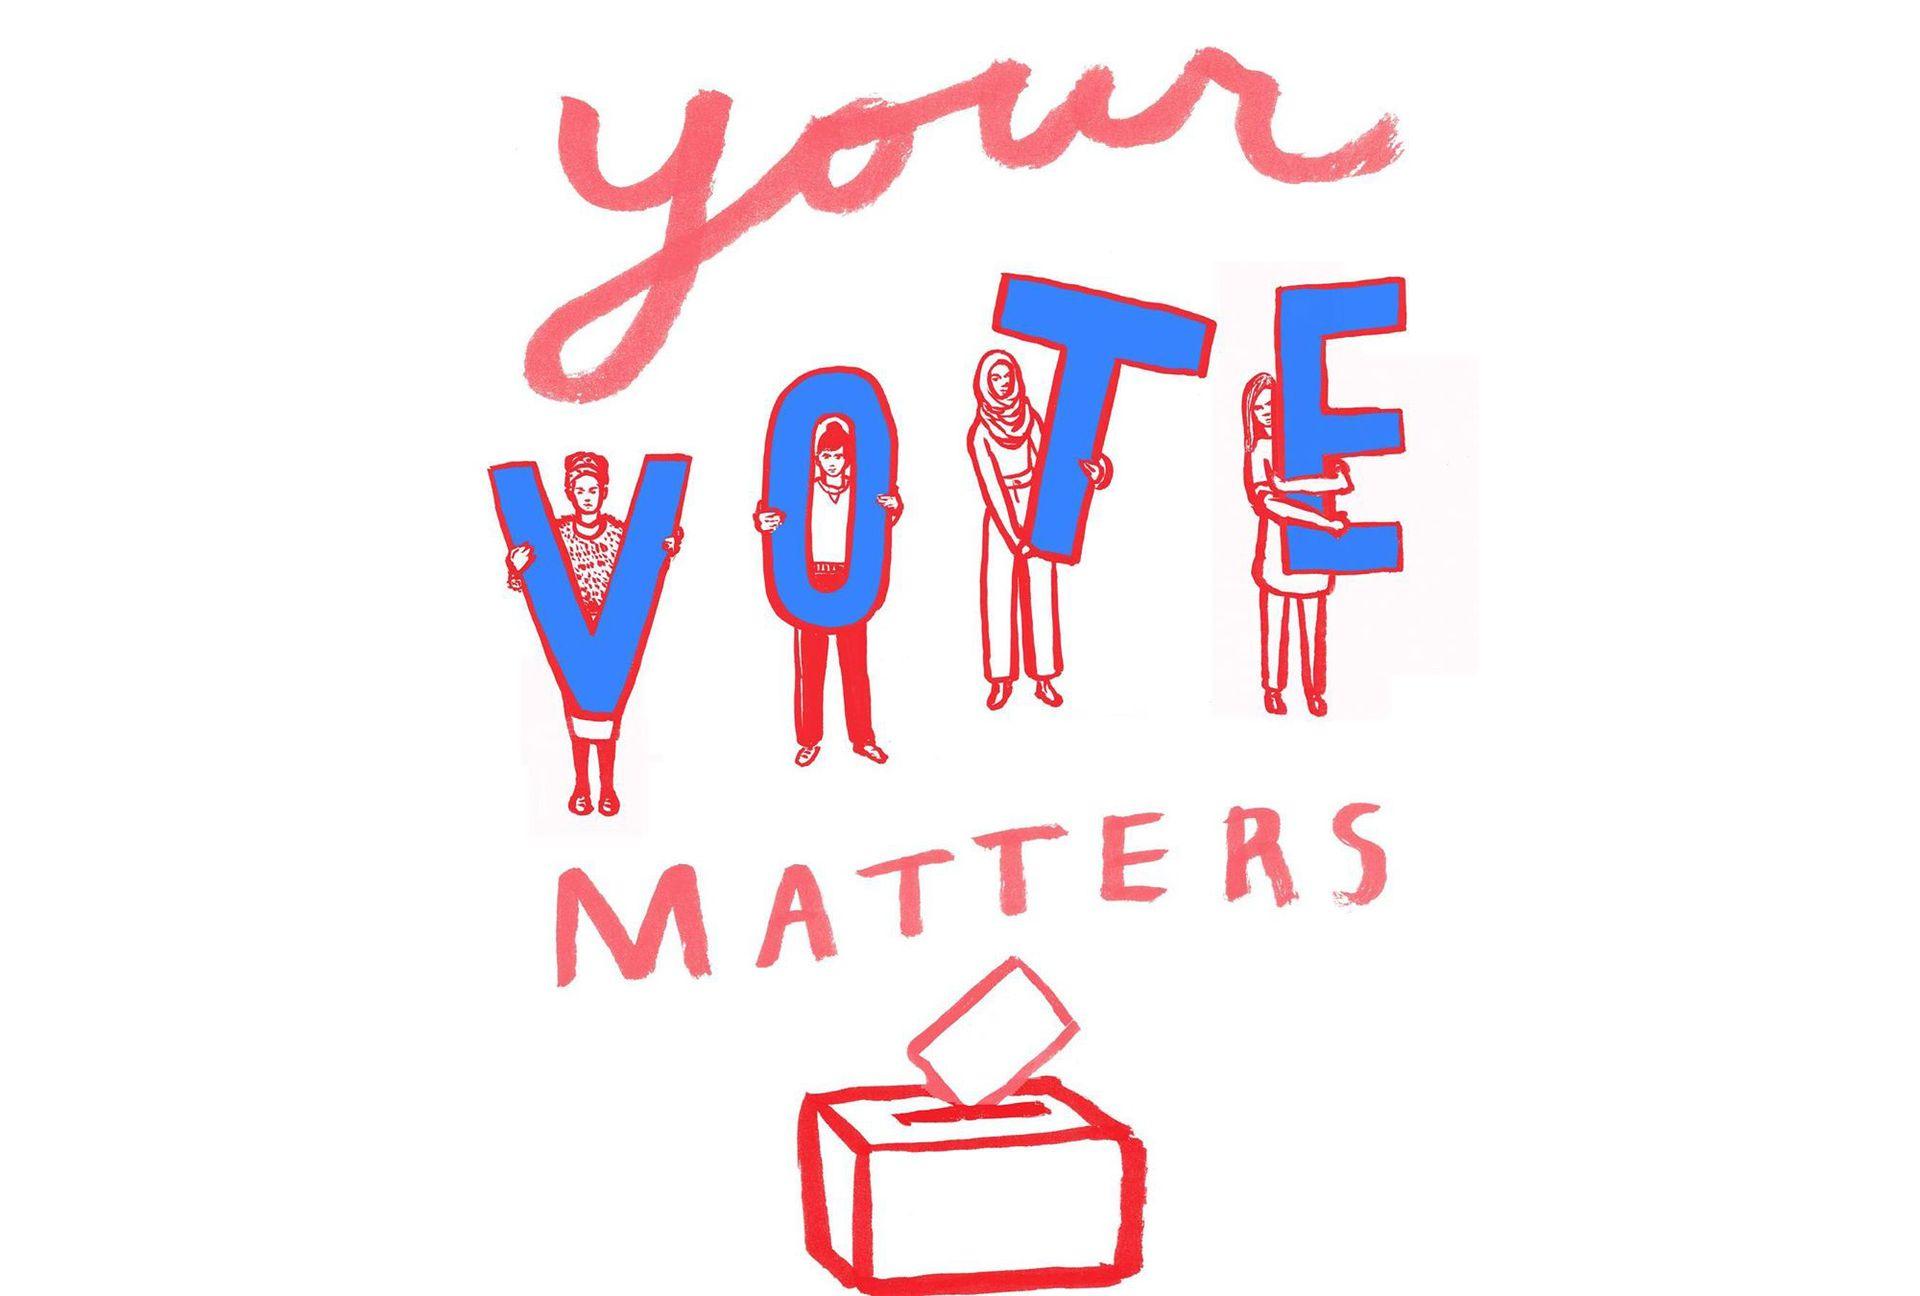 Your Vote Matters Image by: Lauren Simkin Berke @lsberke for @amplifyart